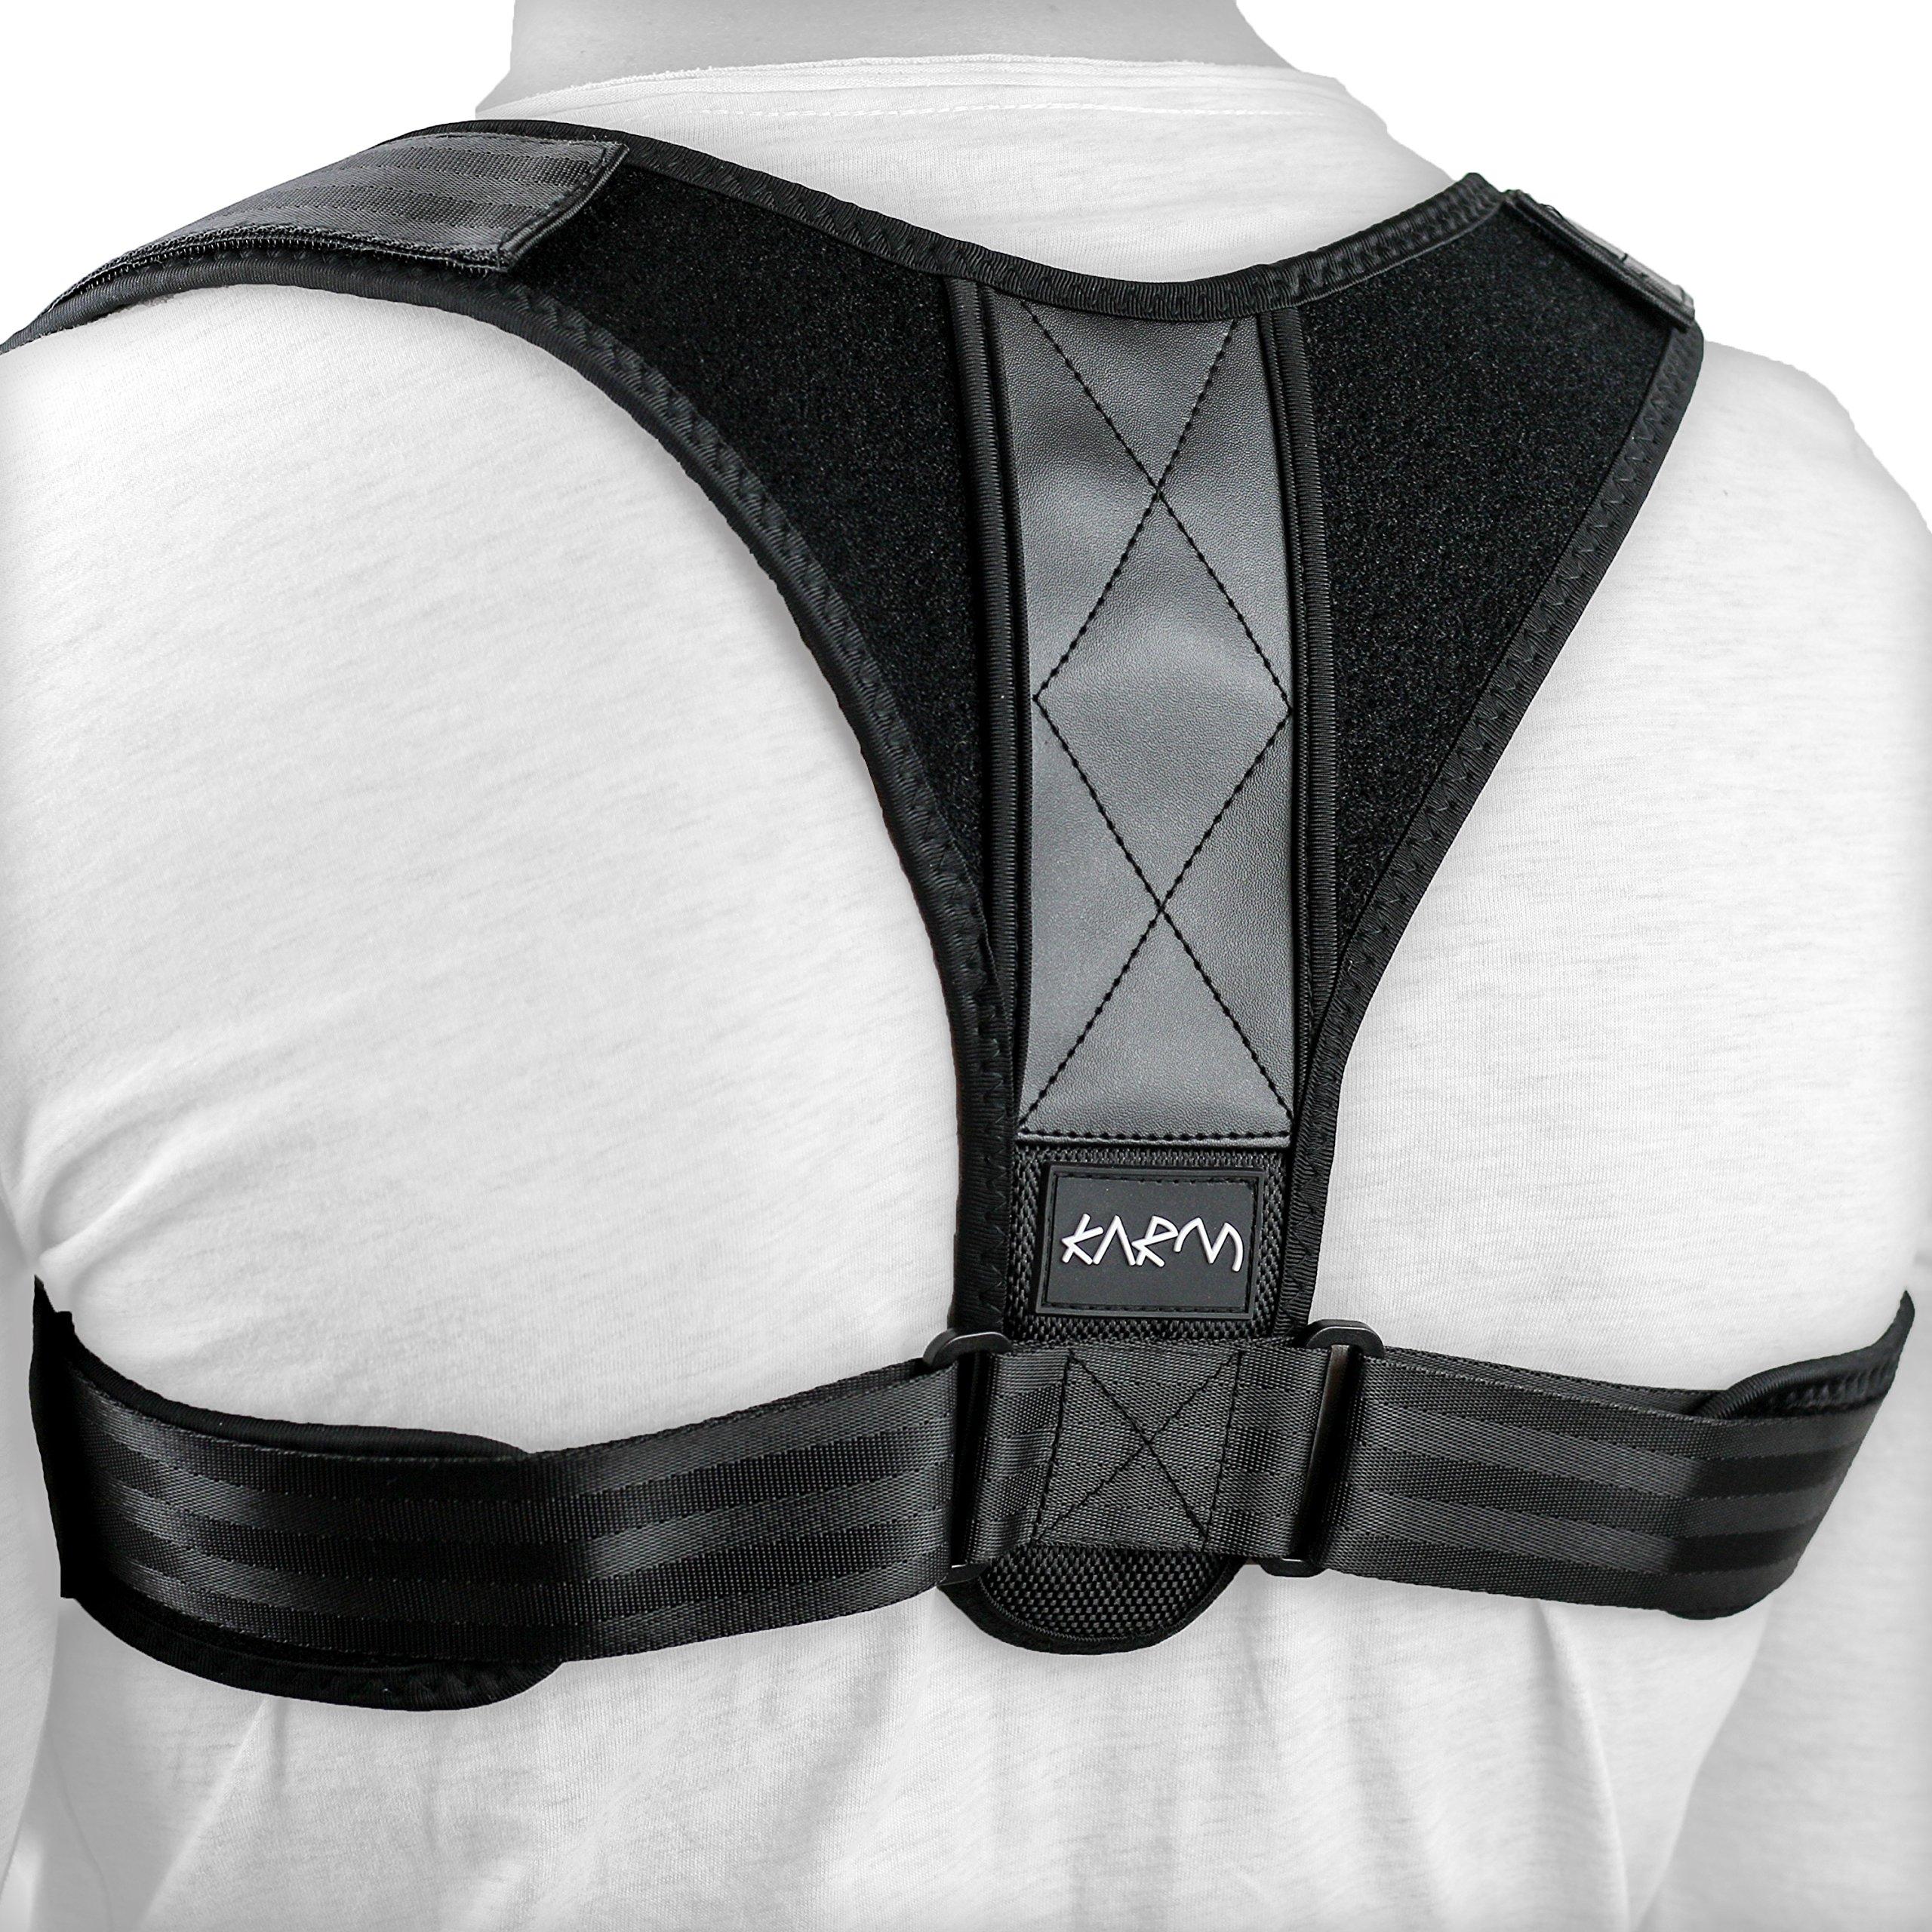 Adjustable Clavicle Posture Corrector Support Strap Brace for Collarbone, Upper Back Straightener, Scapula, Shoulder Blade, Hunchback, Figure 8, Men, Women, Kids & Plus Size (L/XL)